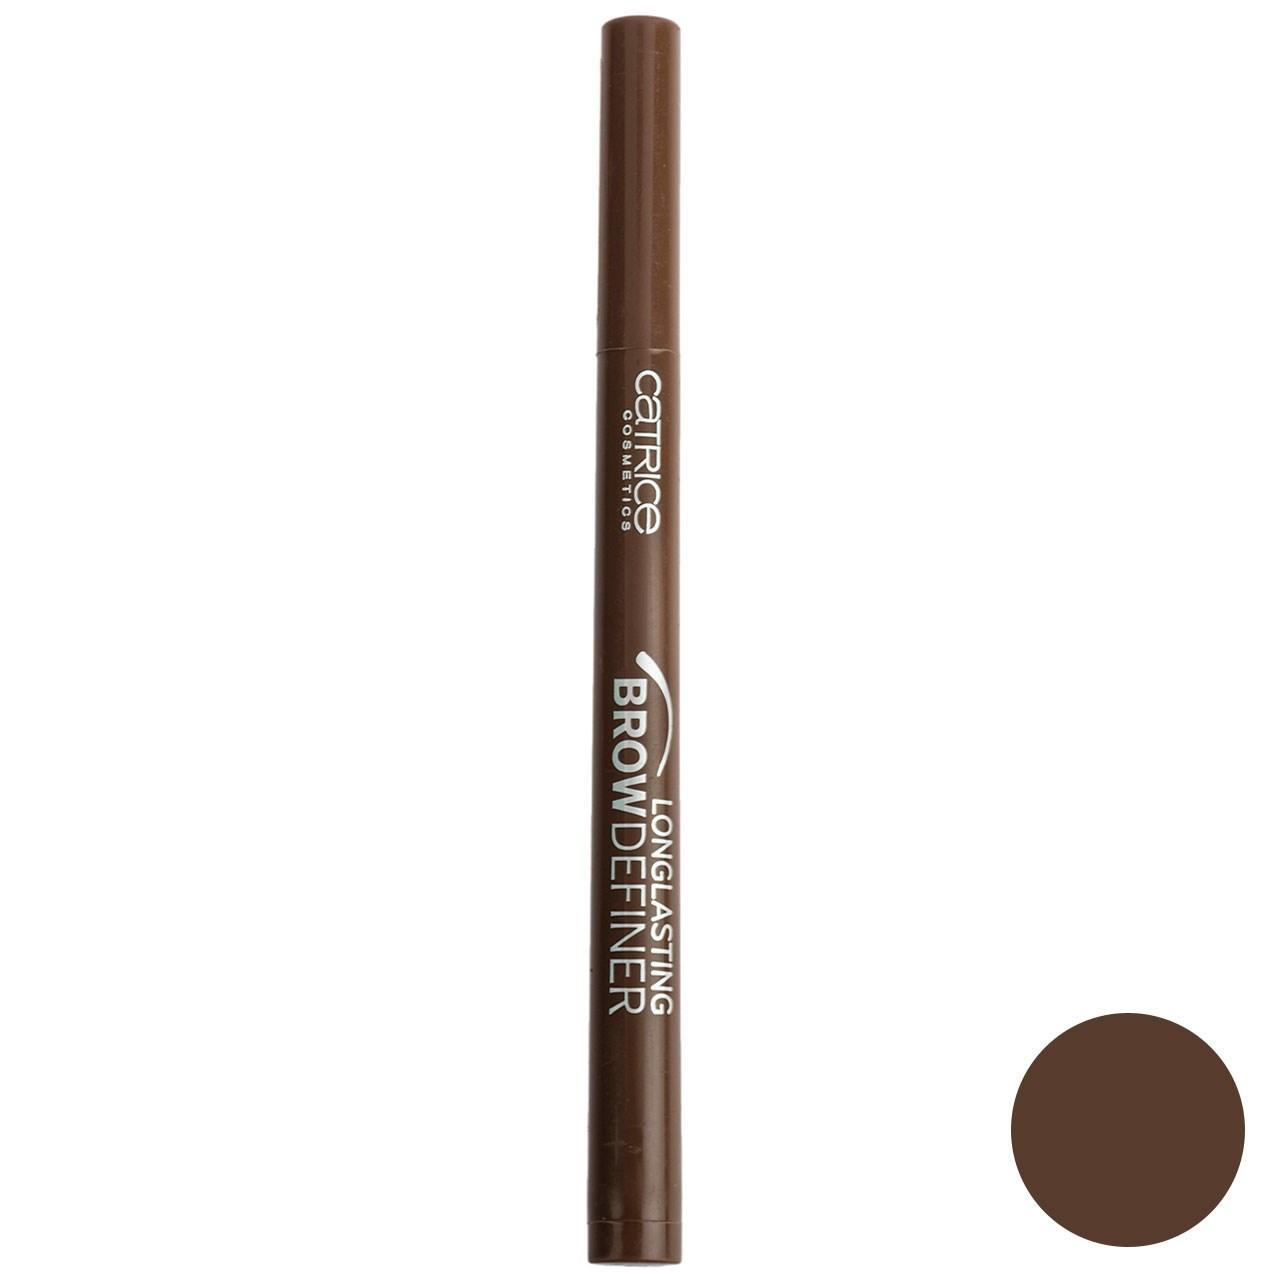 مداد ابرو کاتریس سری Brow Definer شماره 040